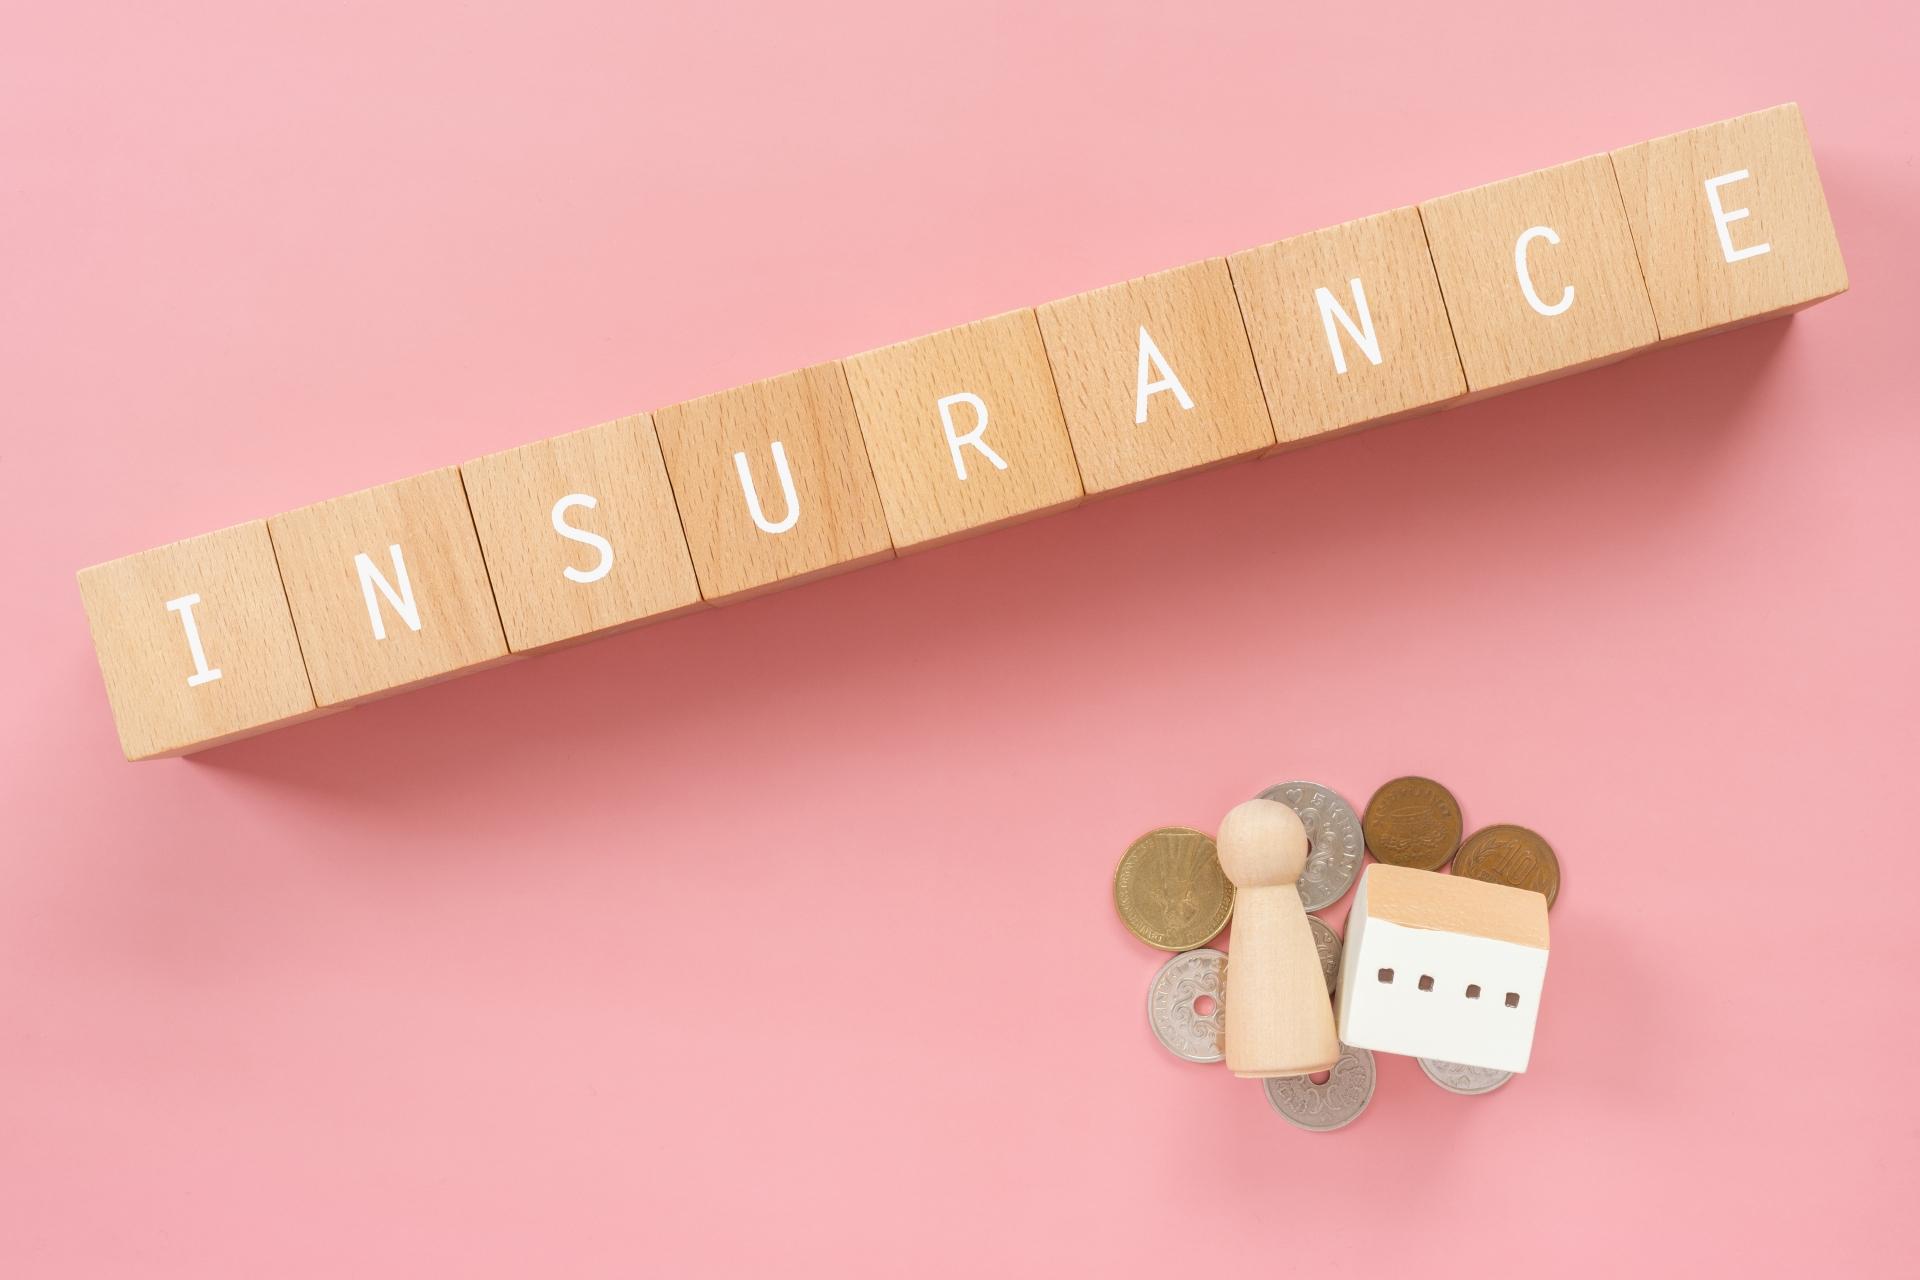 共済と民間保険はどっちがおすすめ?4つのメリット6つのデメリット